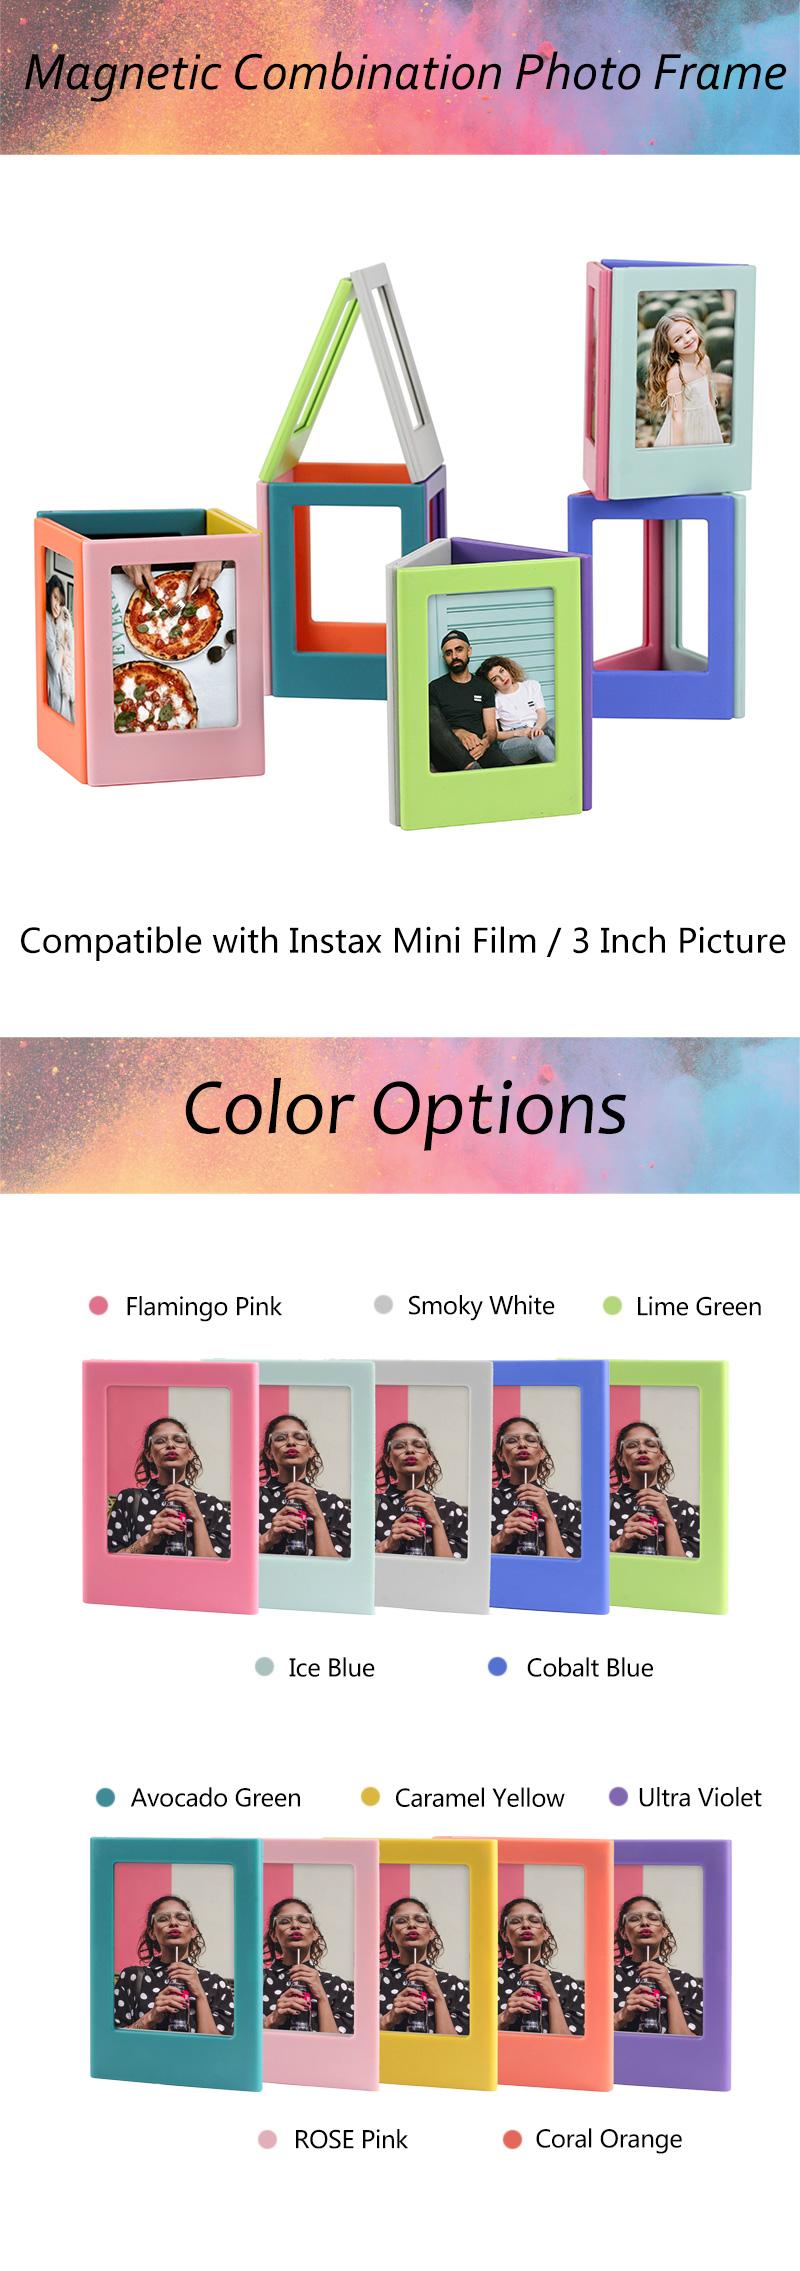 Fujfilm Instax迷你胶片相框的专利DIY组合哑光磁性相框